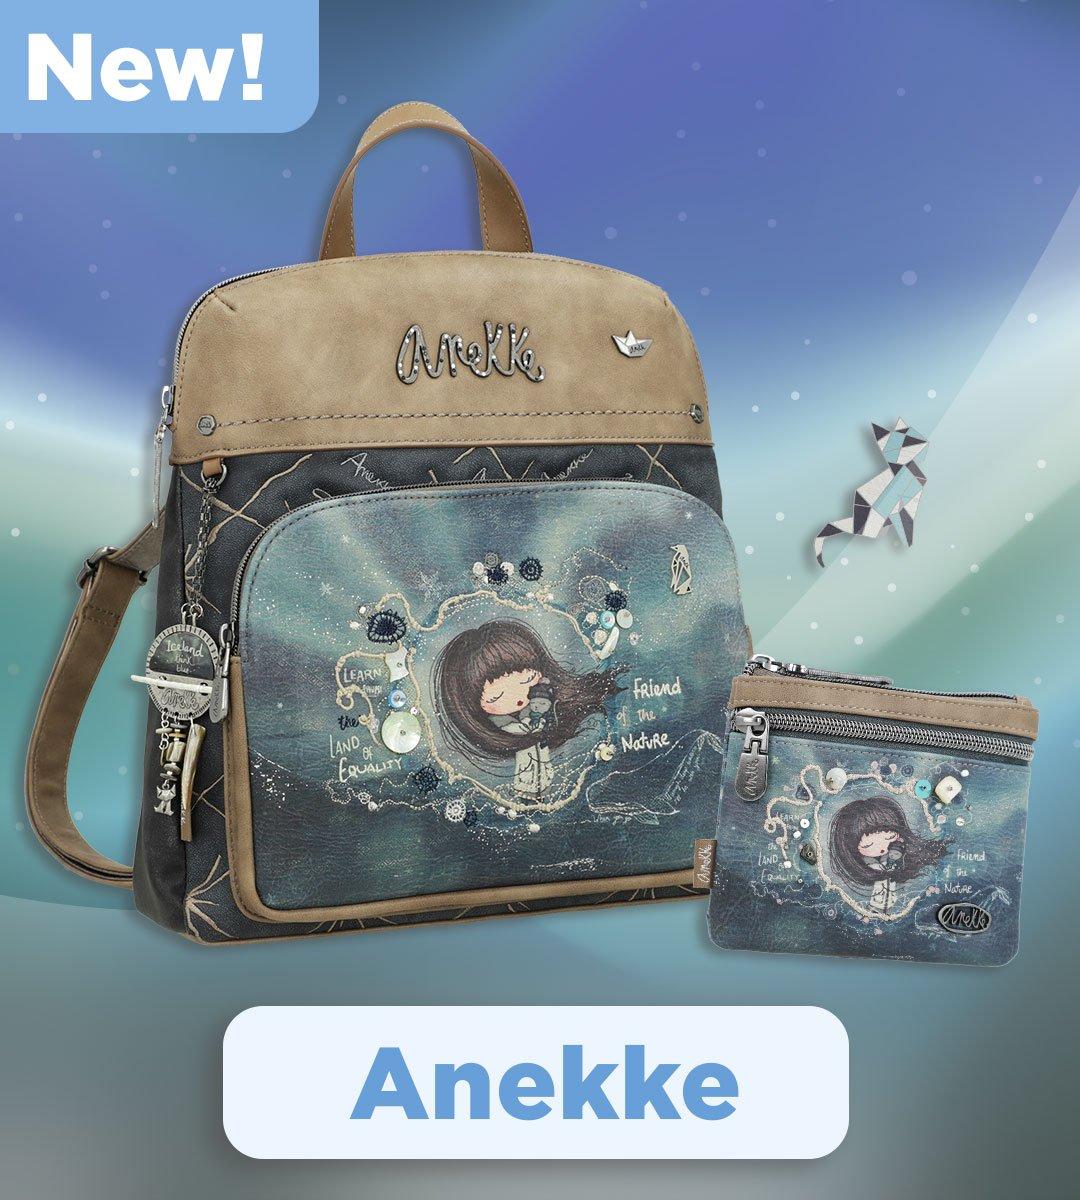 Anekke-categoría